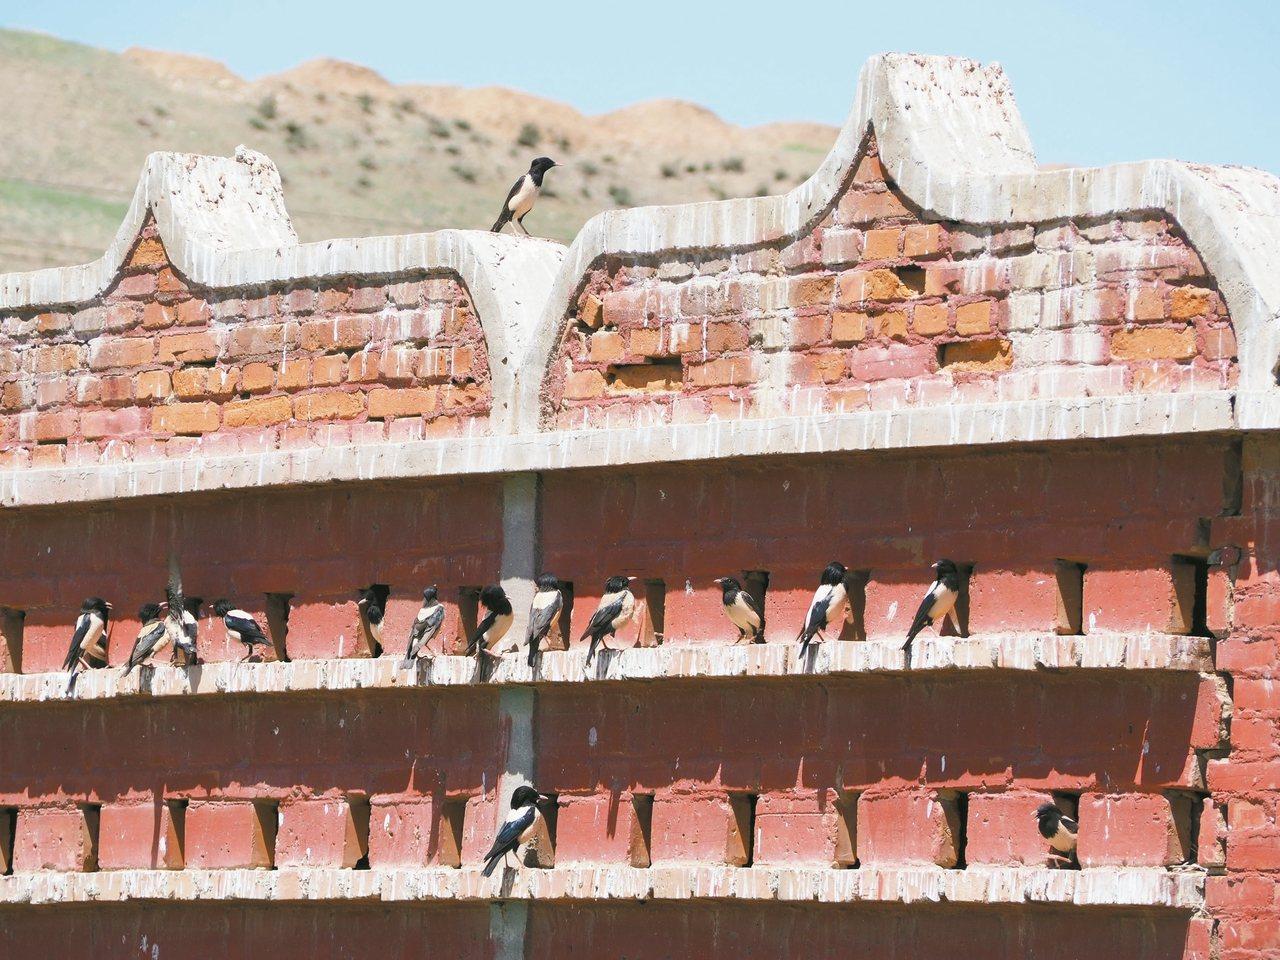 粉紅椋鳥的「育嬰房」。 記者羅建怡/攝影